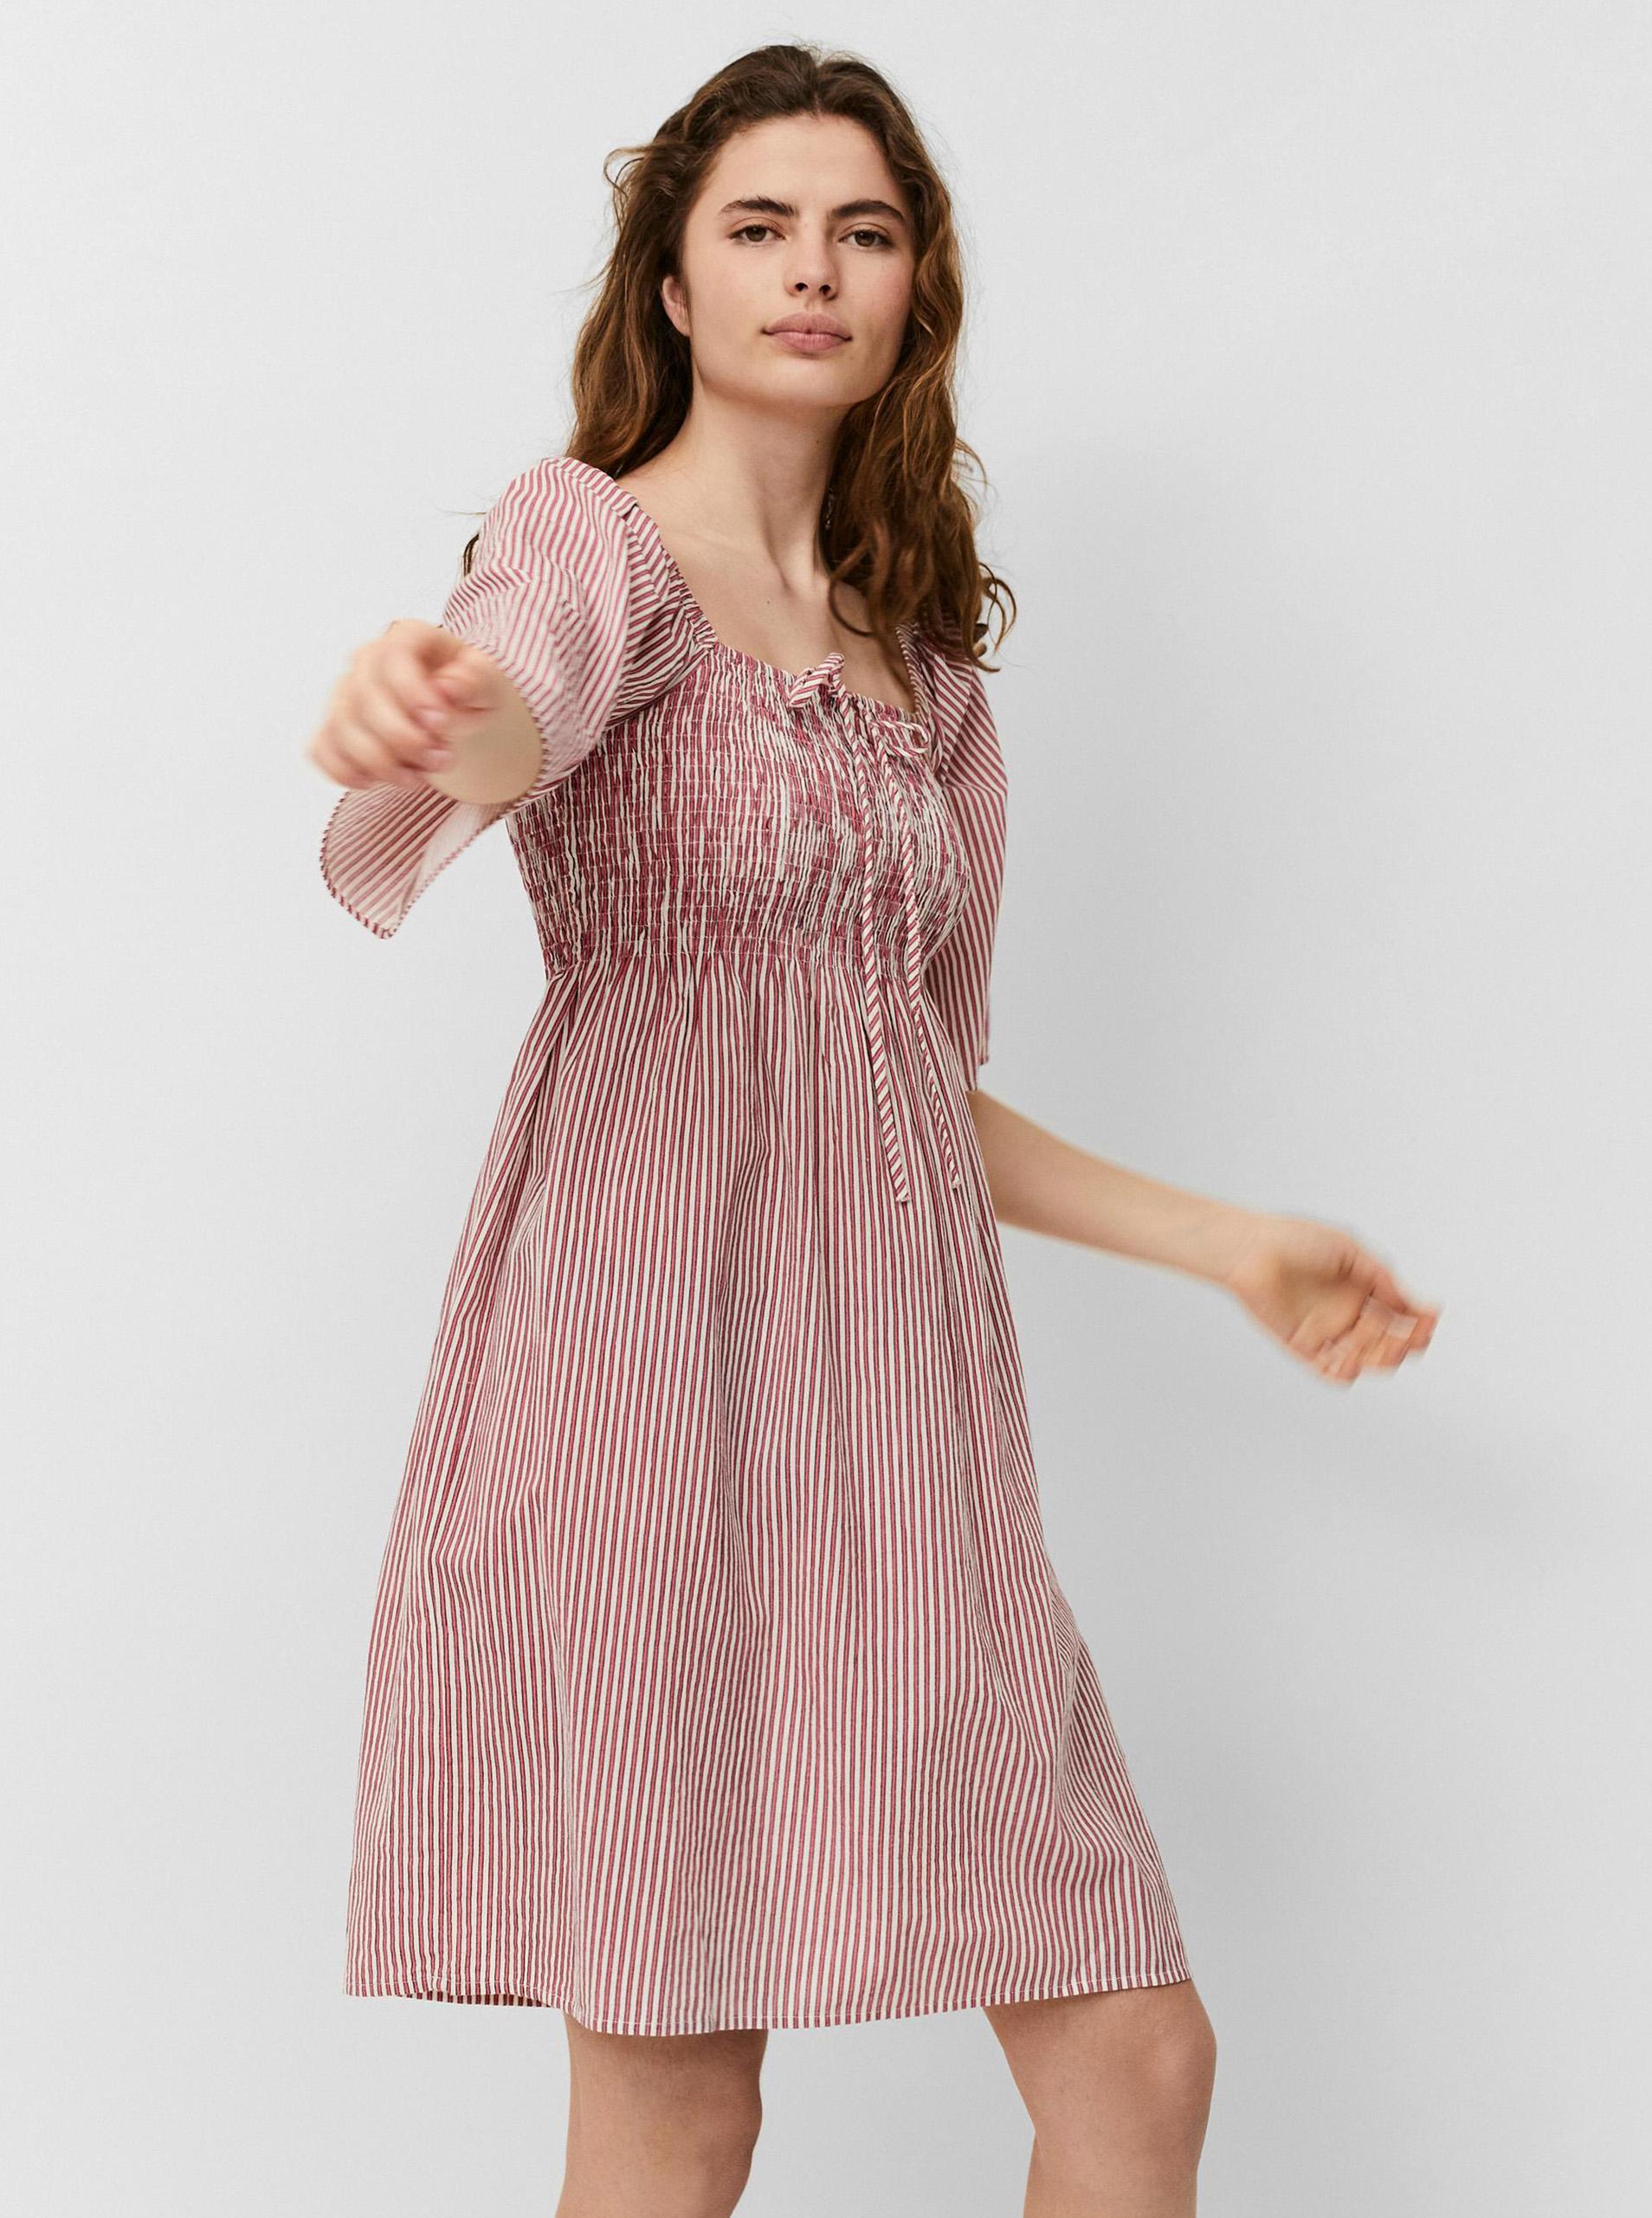 Vero Moda růžové pruhované šaty Anabelle